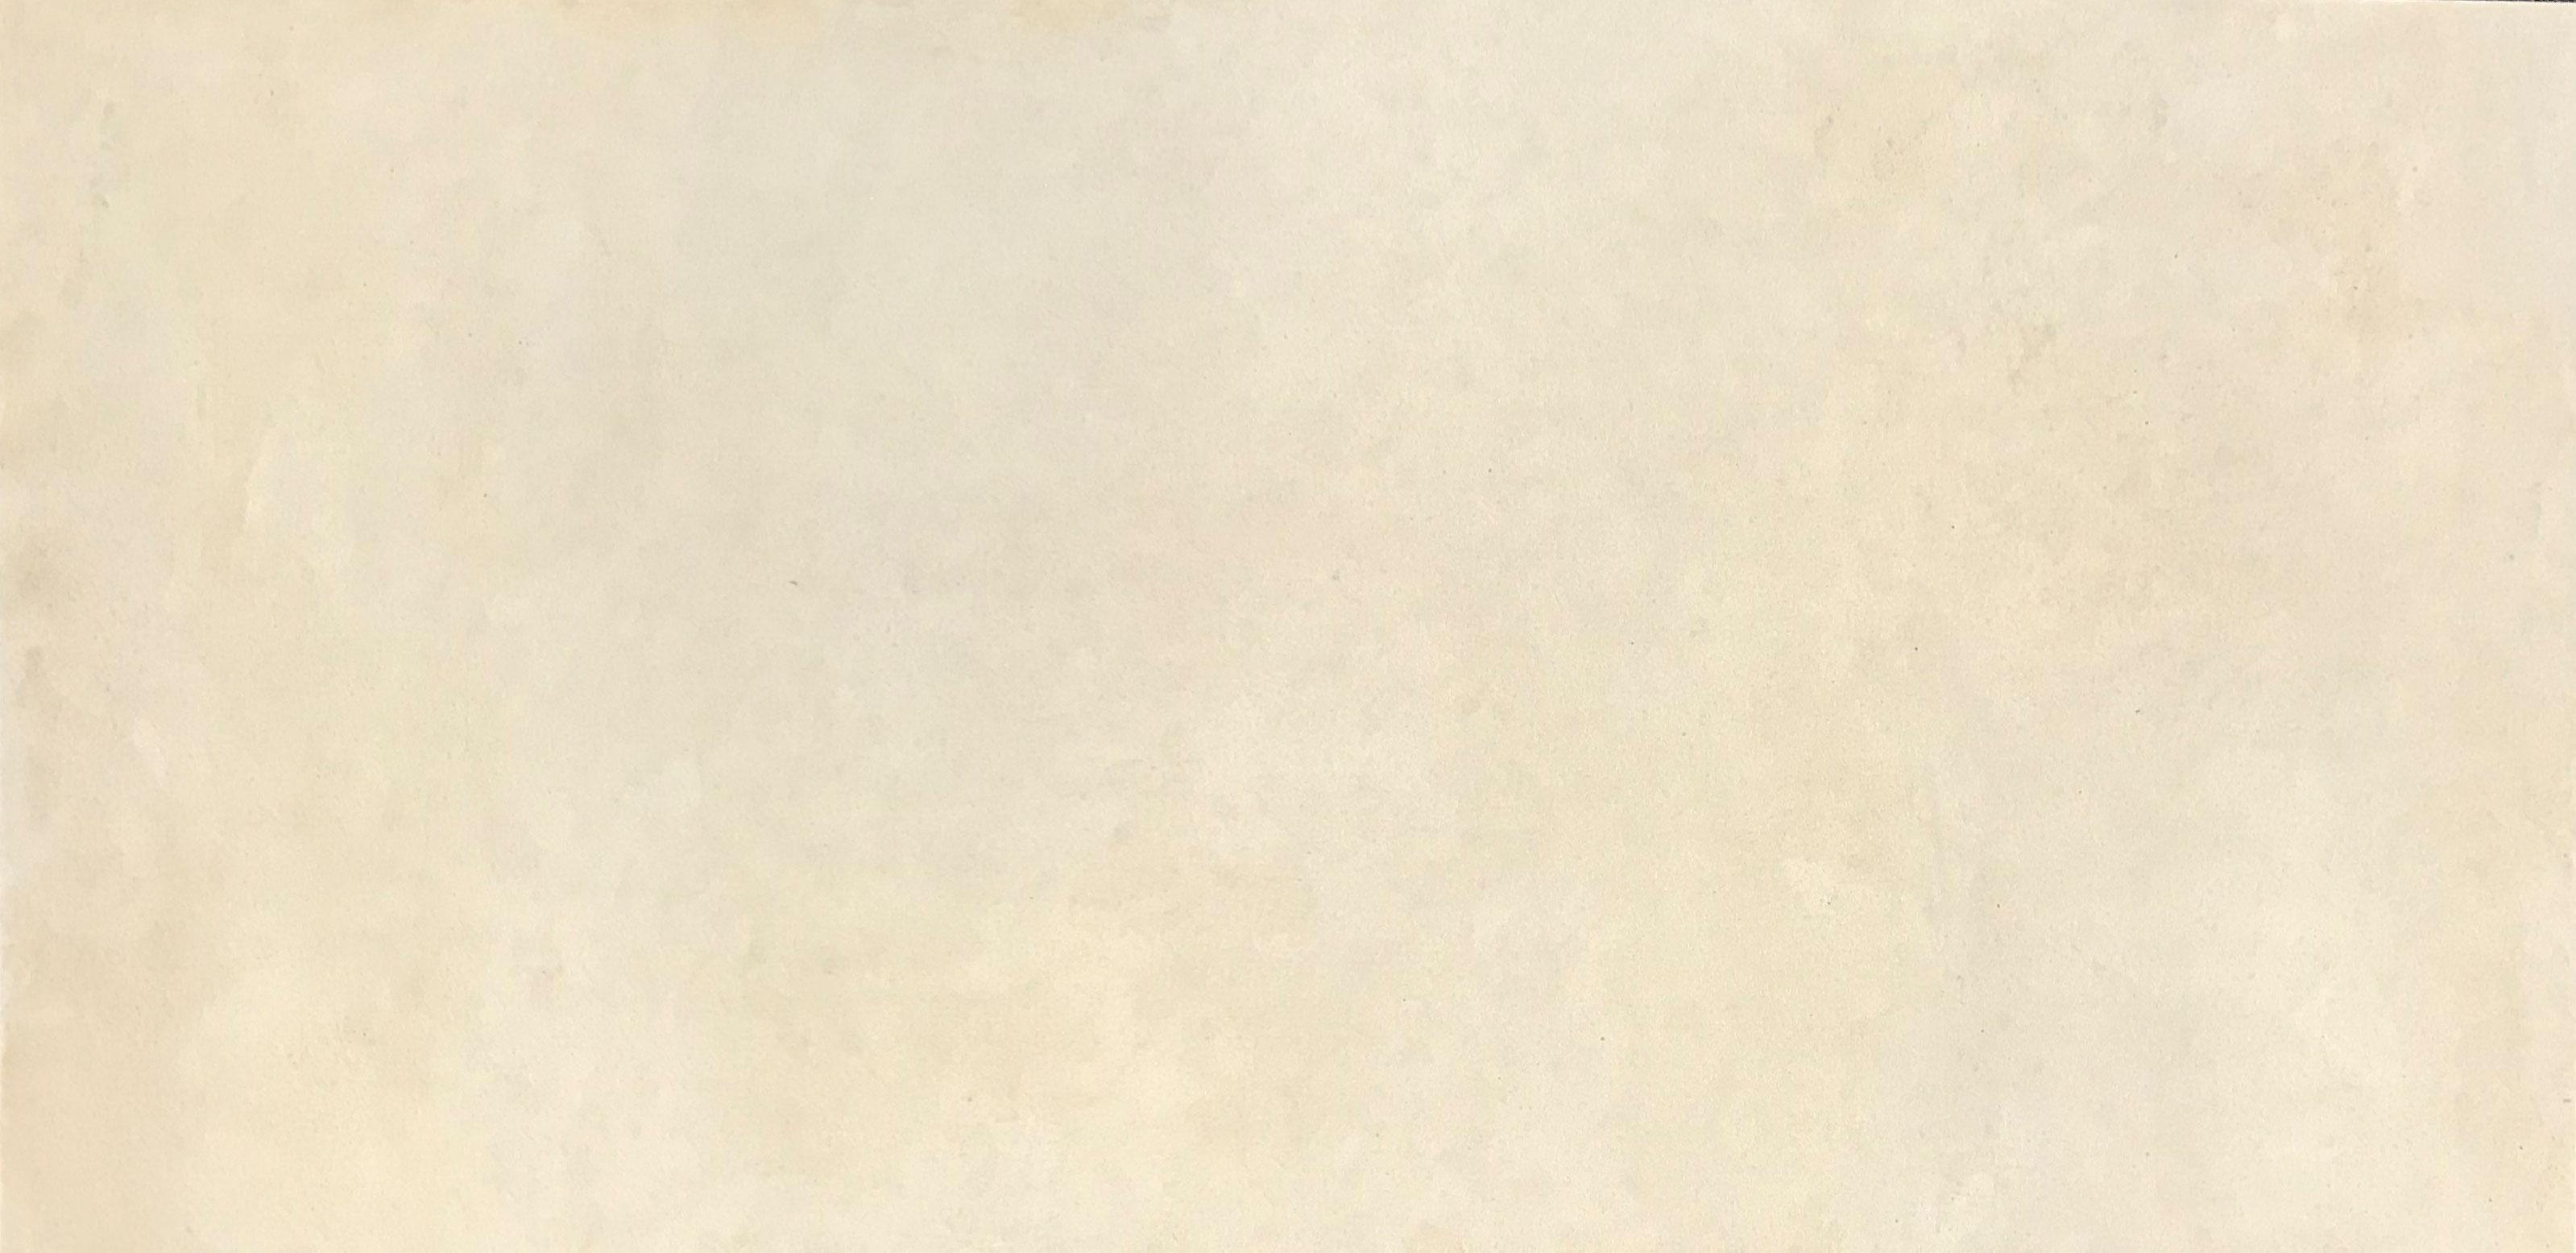 Osmose Ecoline matt Boden-/Wandfliese Beige 30x60